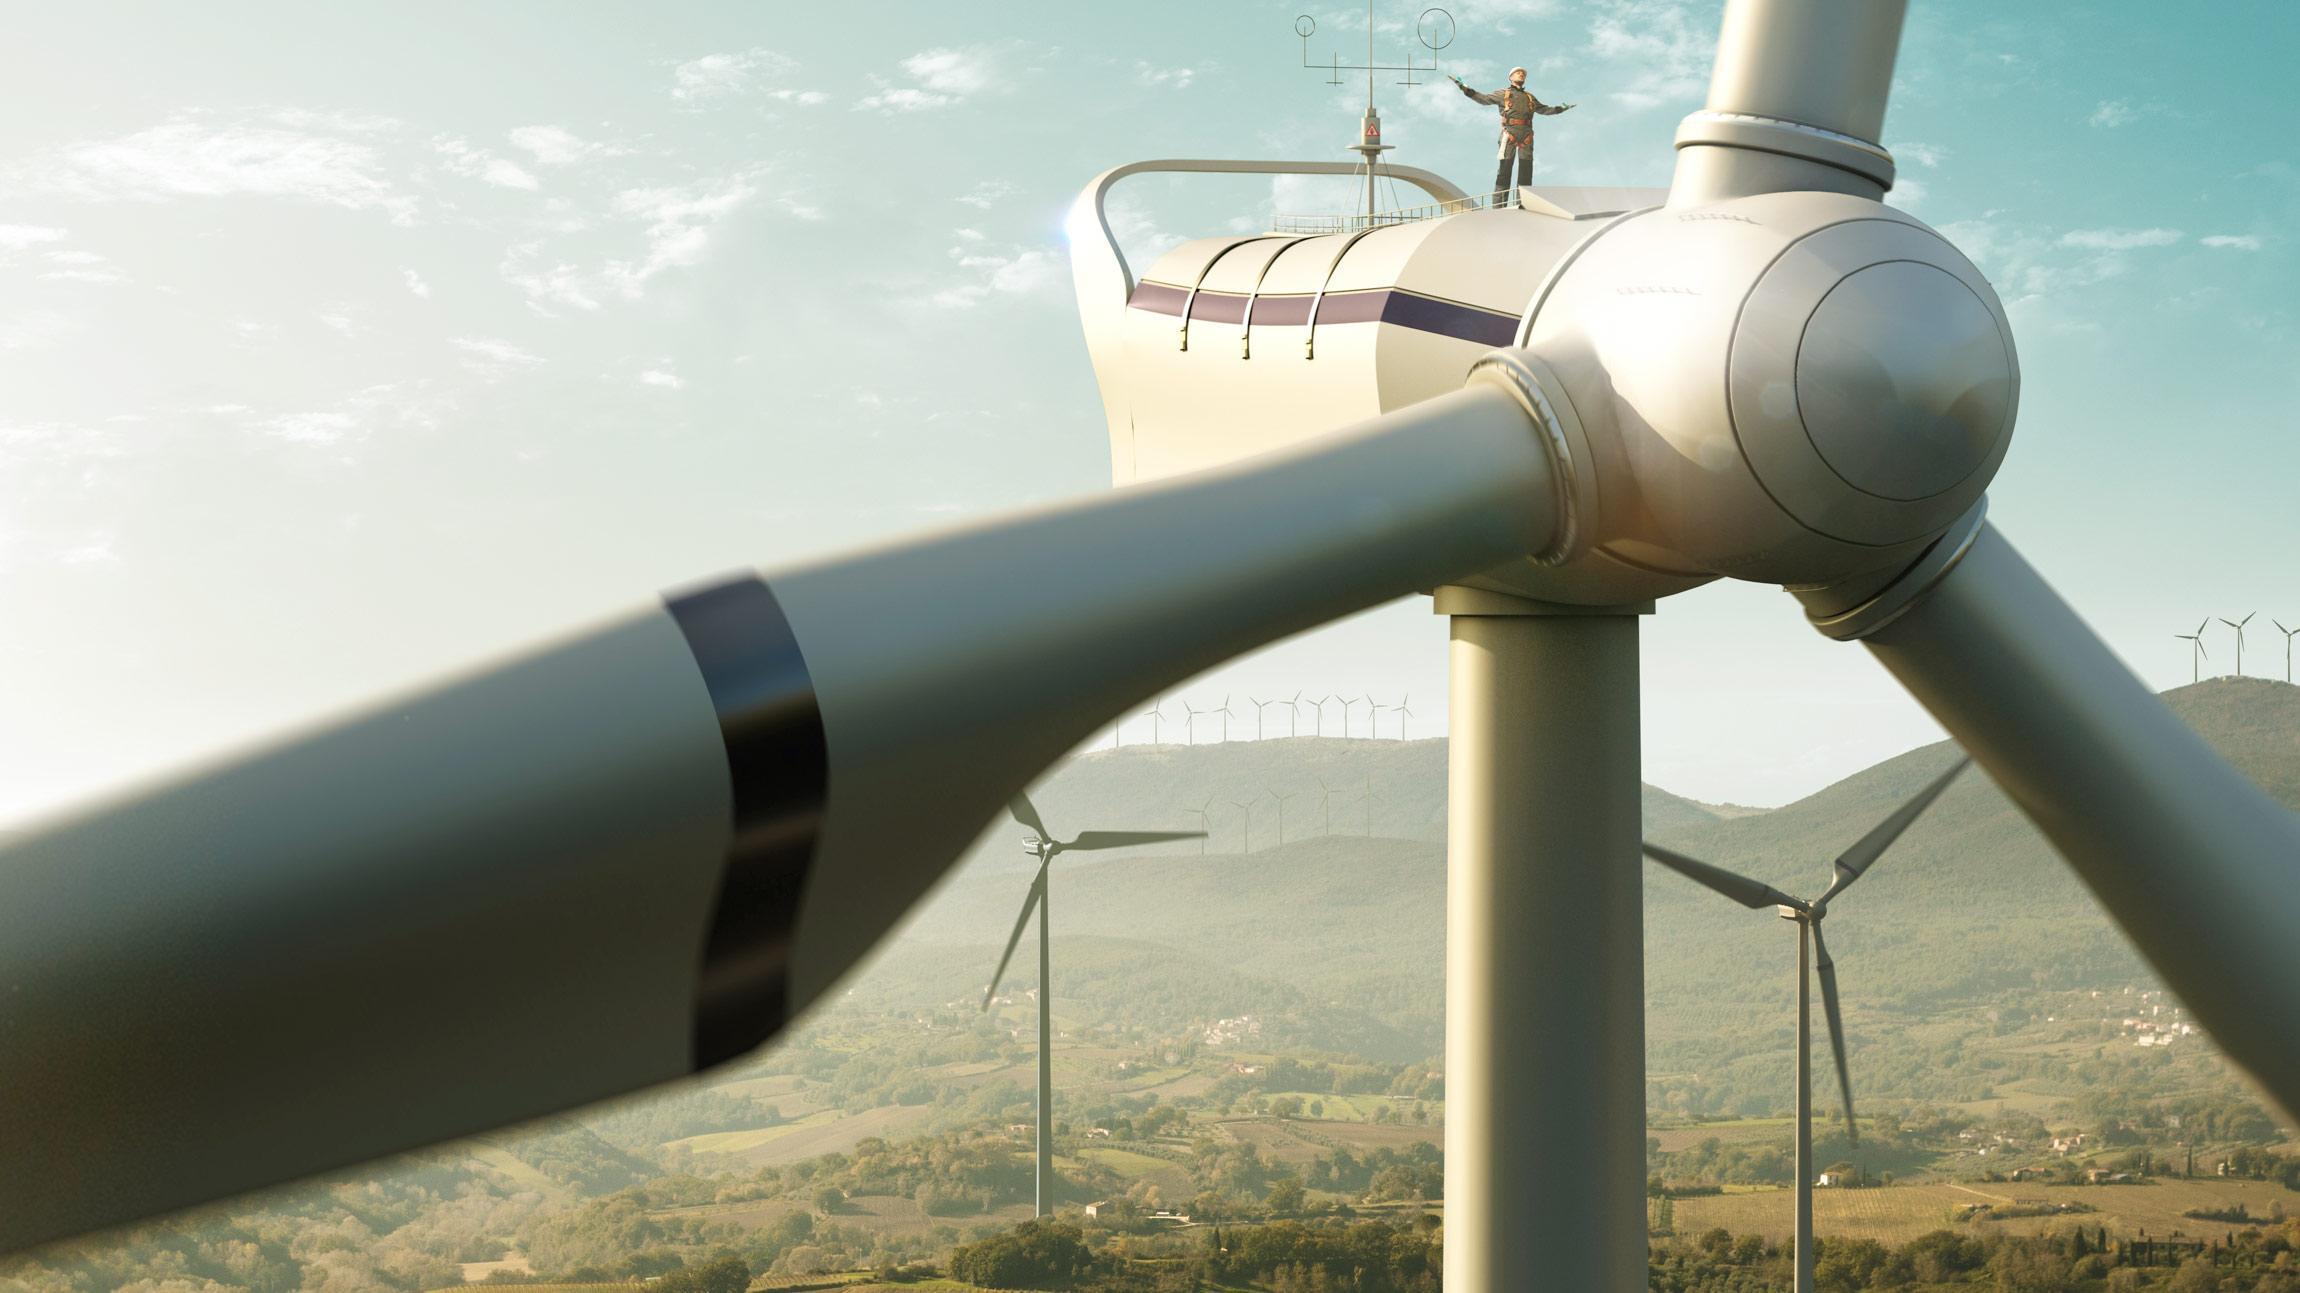 Tuulivoimapalvelut tuulipuiston käyttöönotosta ylläpitoon saakka